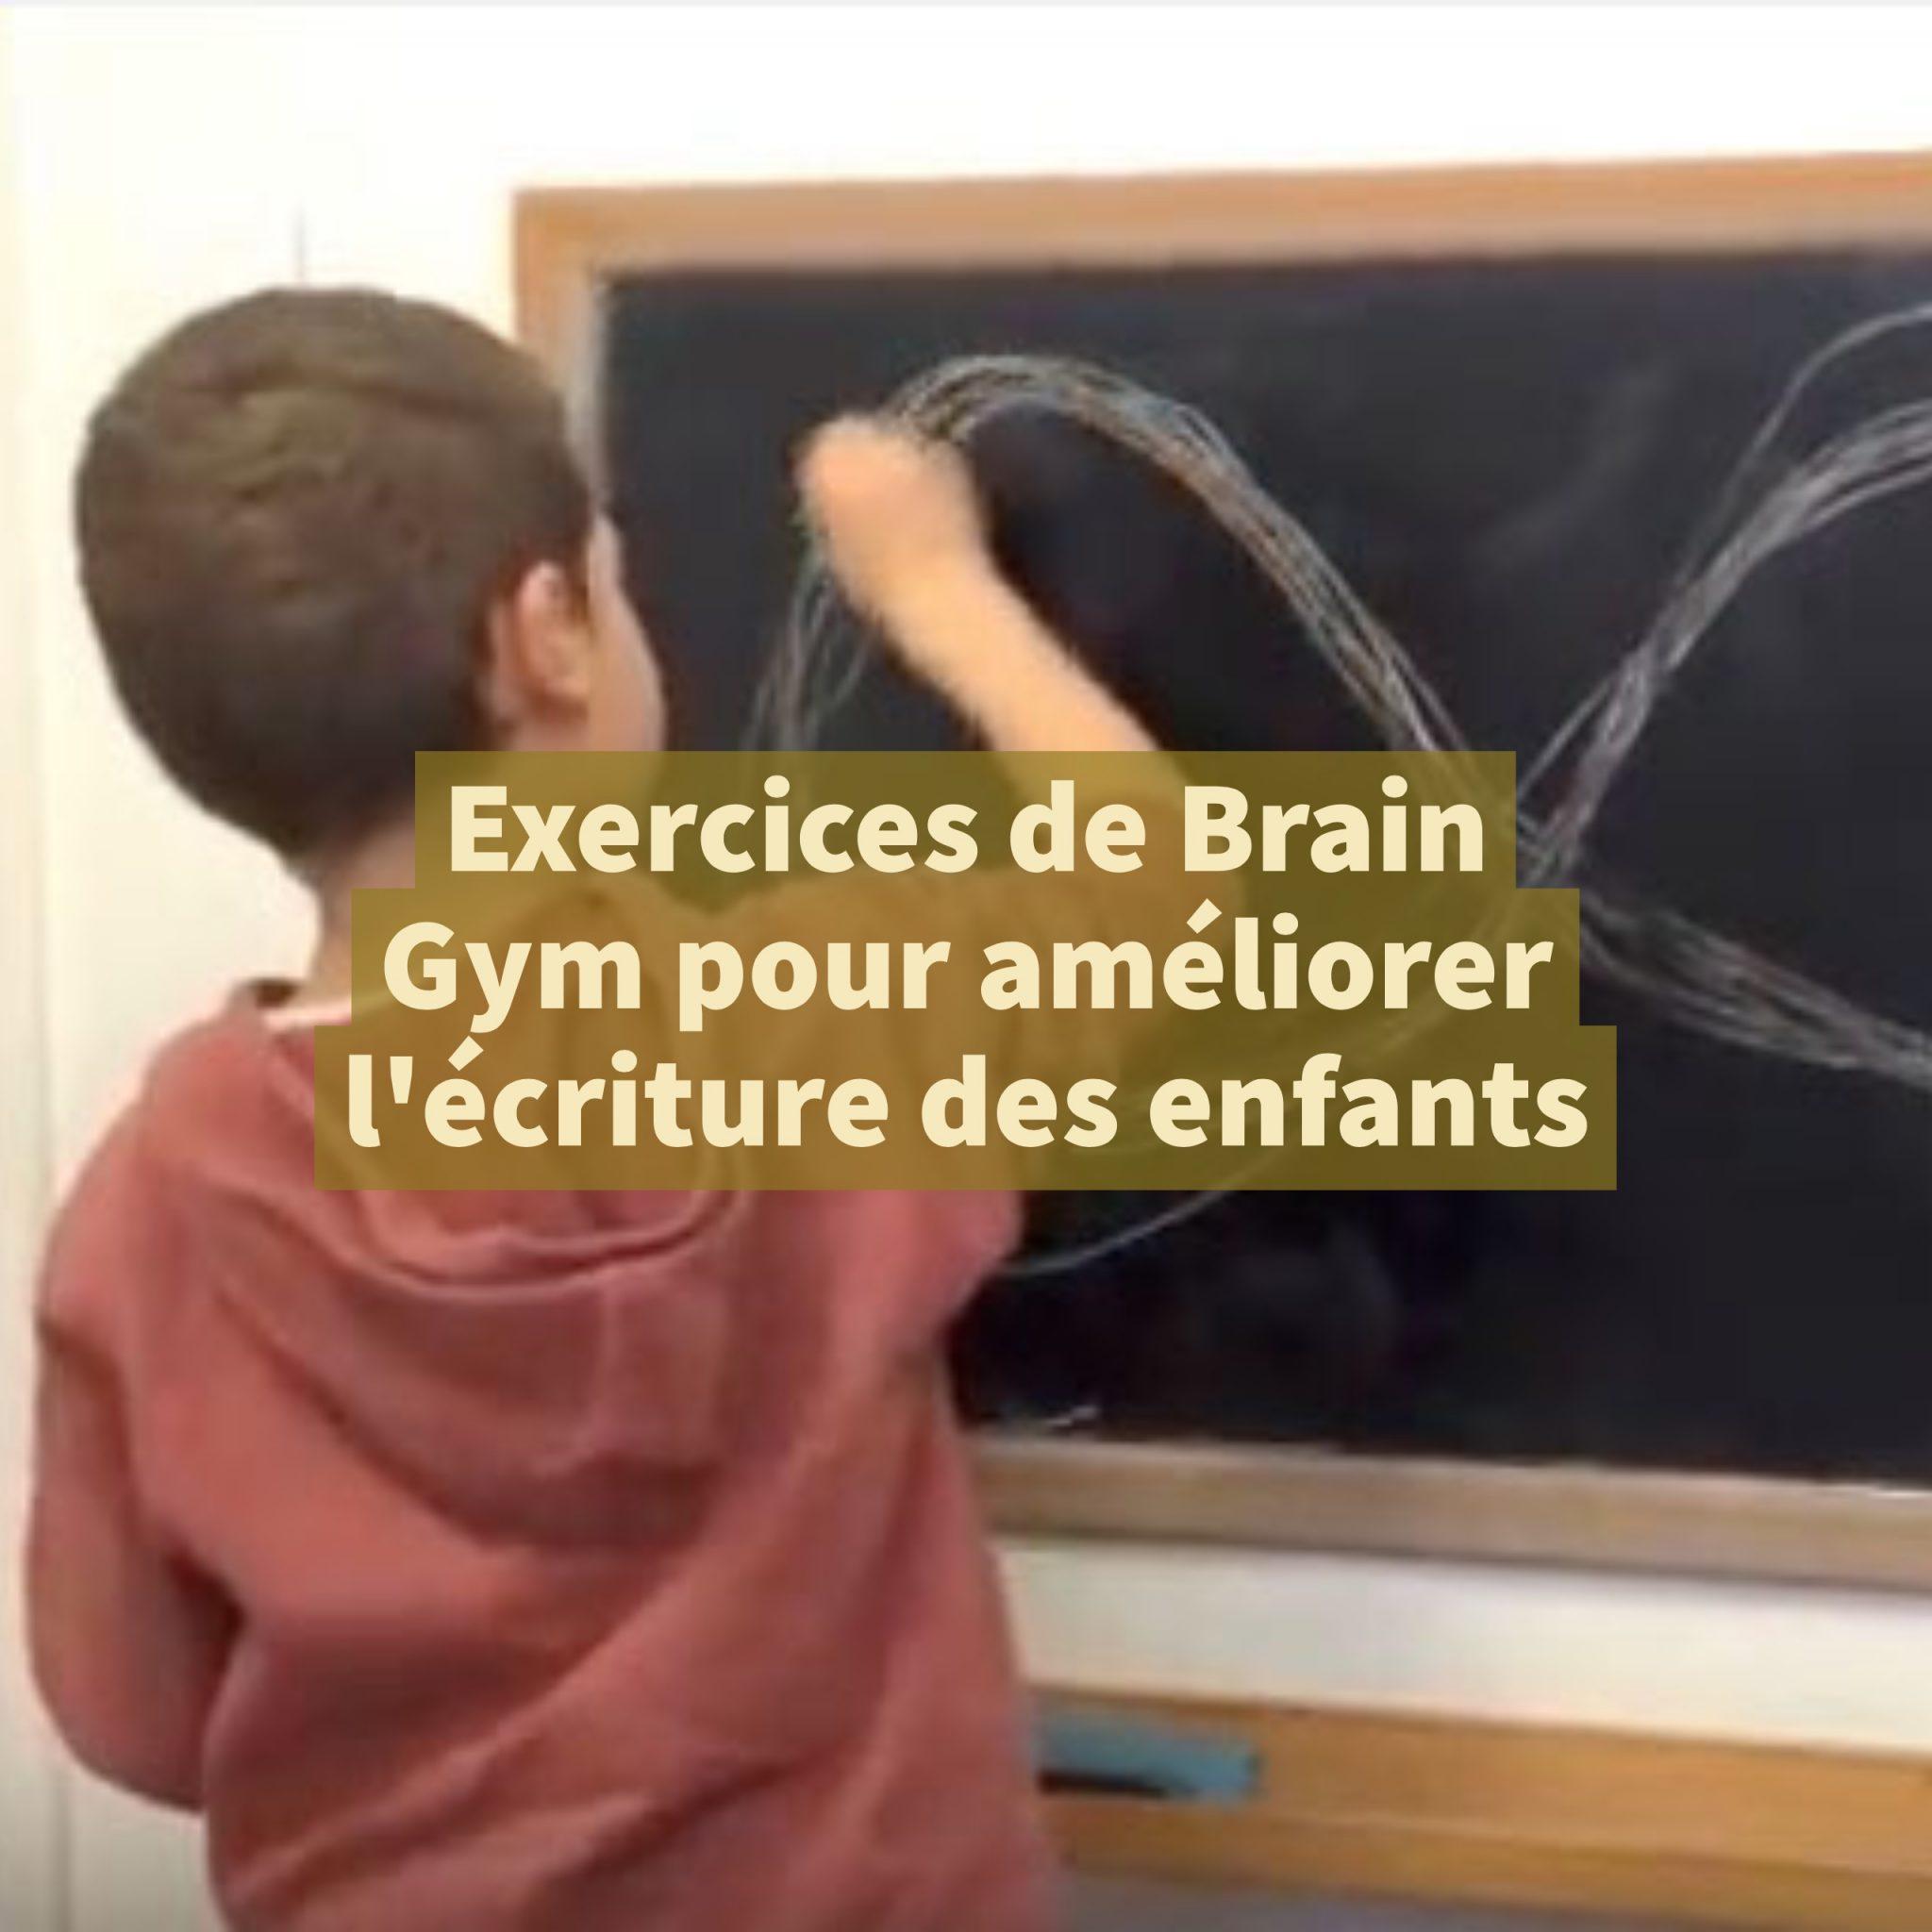 Exercices de Brain Gym pour améliorer l écriture des enfants